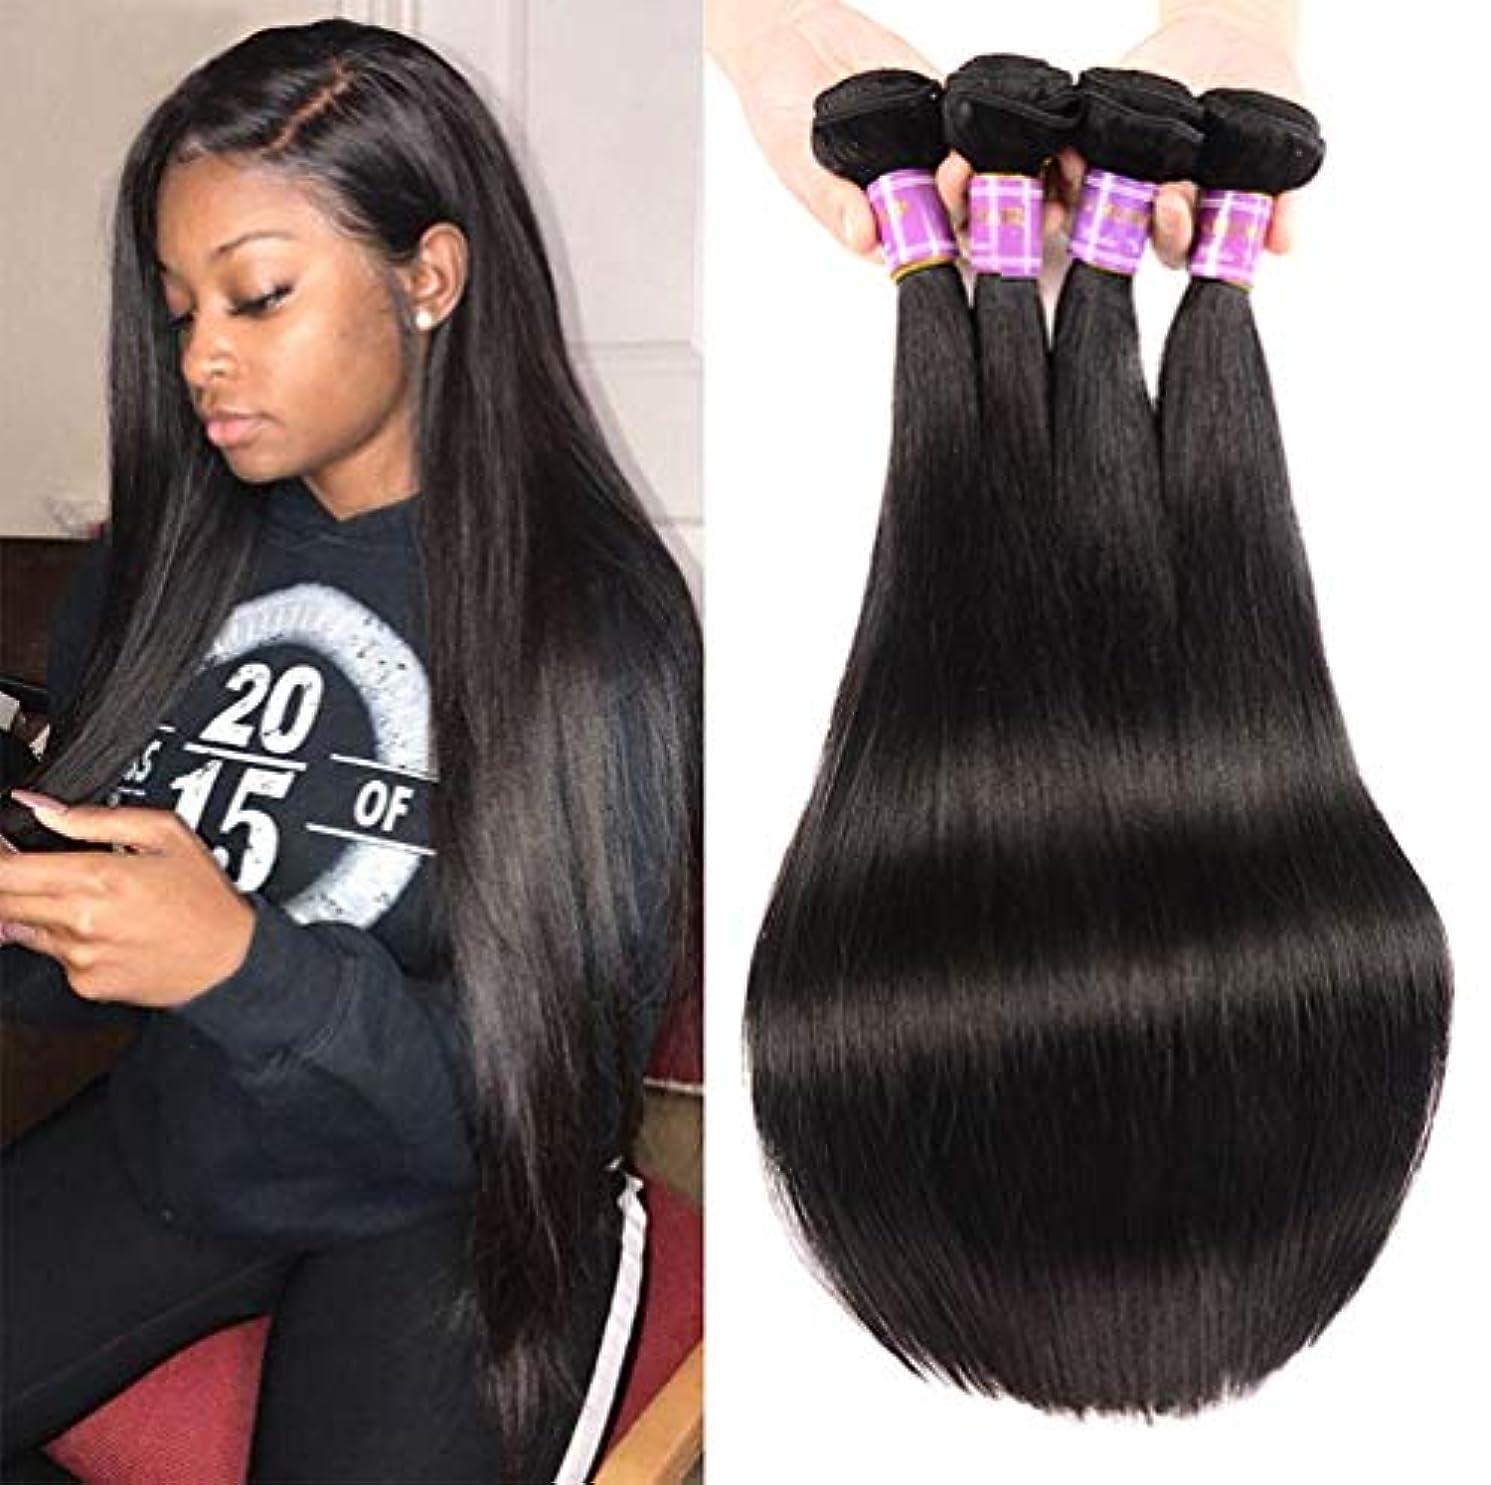 工業用そんなにグリルブラジル3バンドルストレート人間の髪の束シルキーストレートバージン人毛織りエクステンション自然300グラム